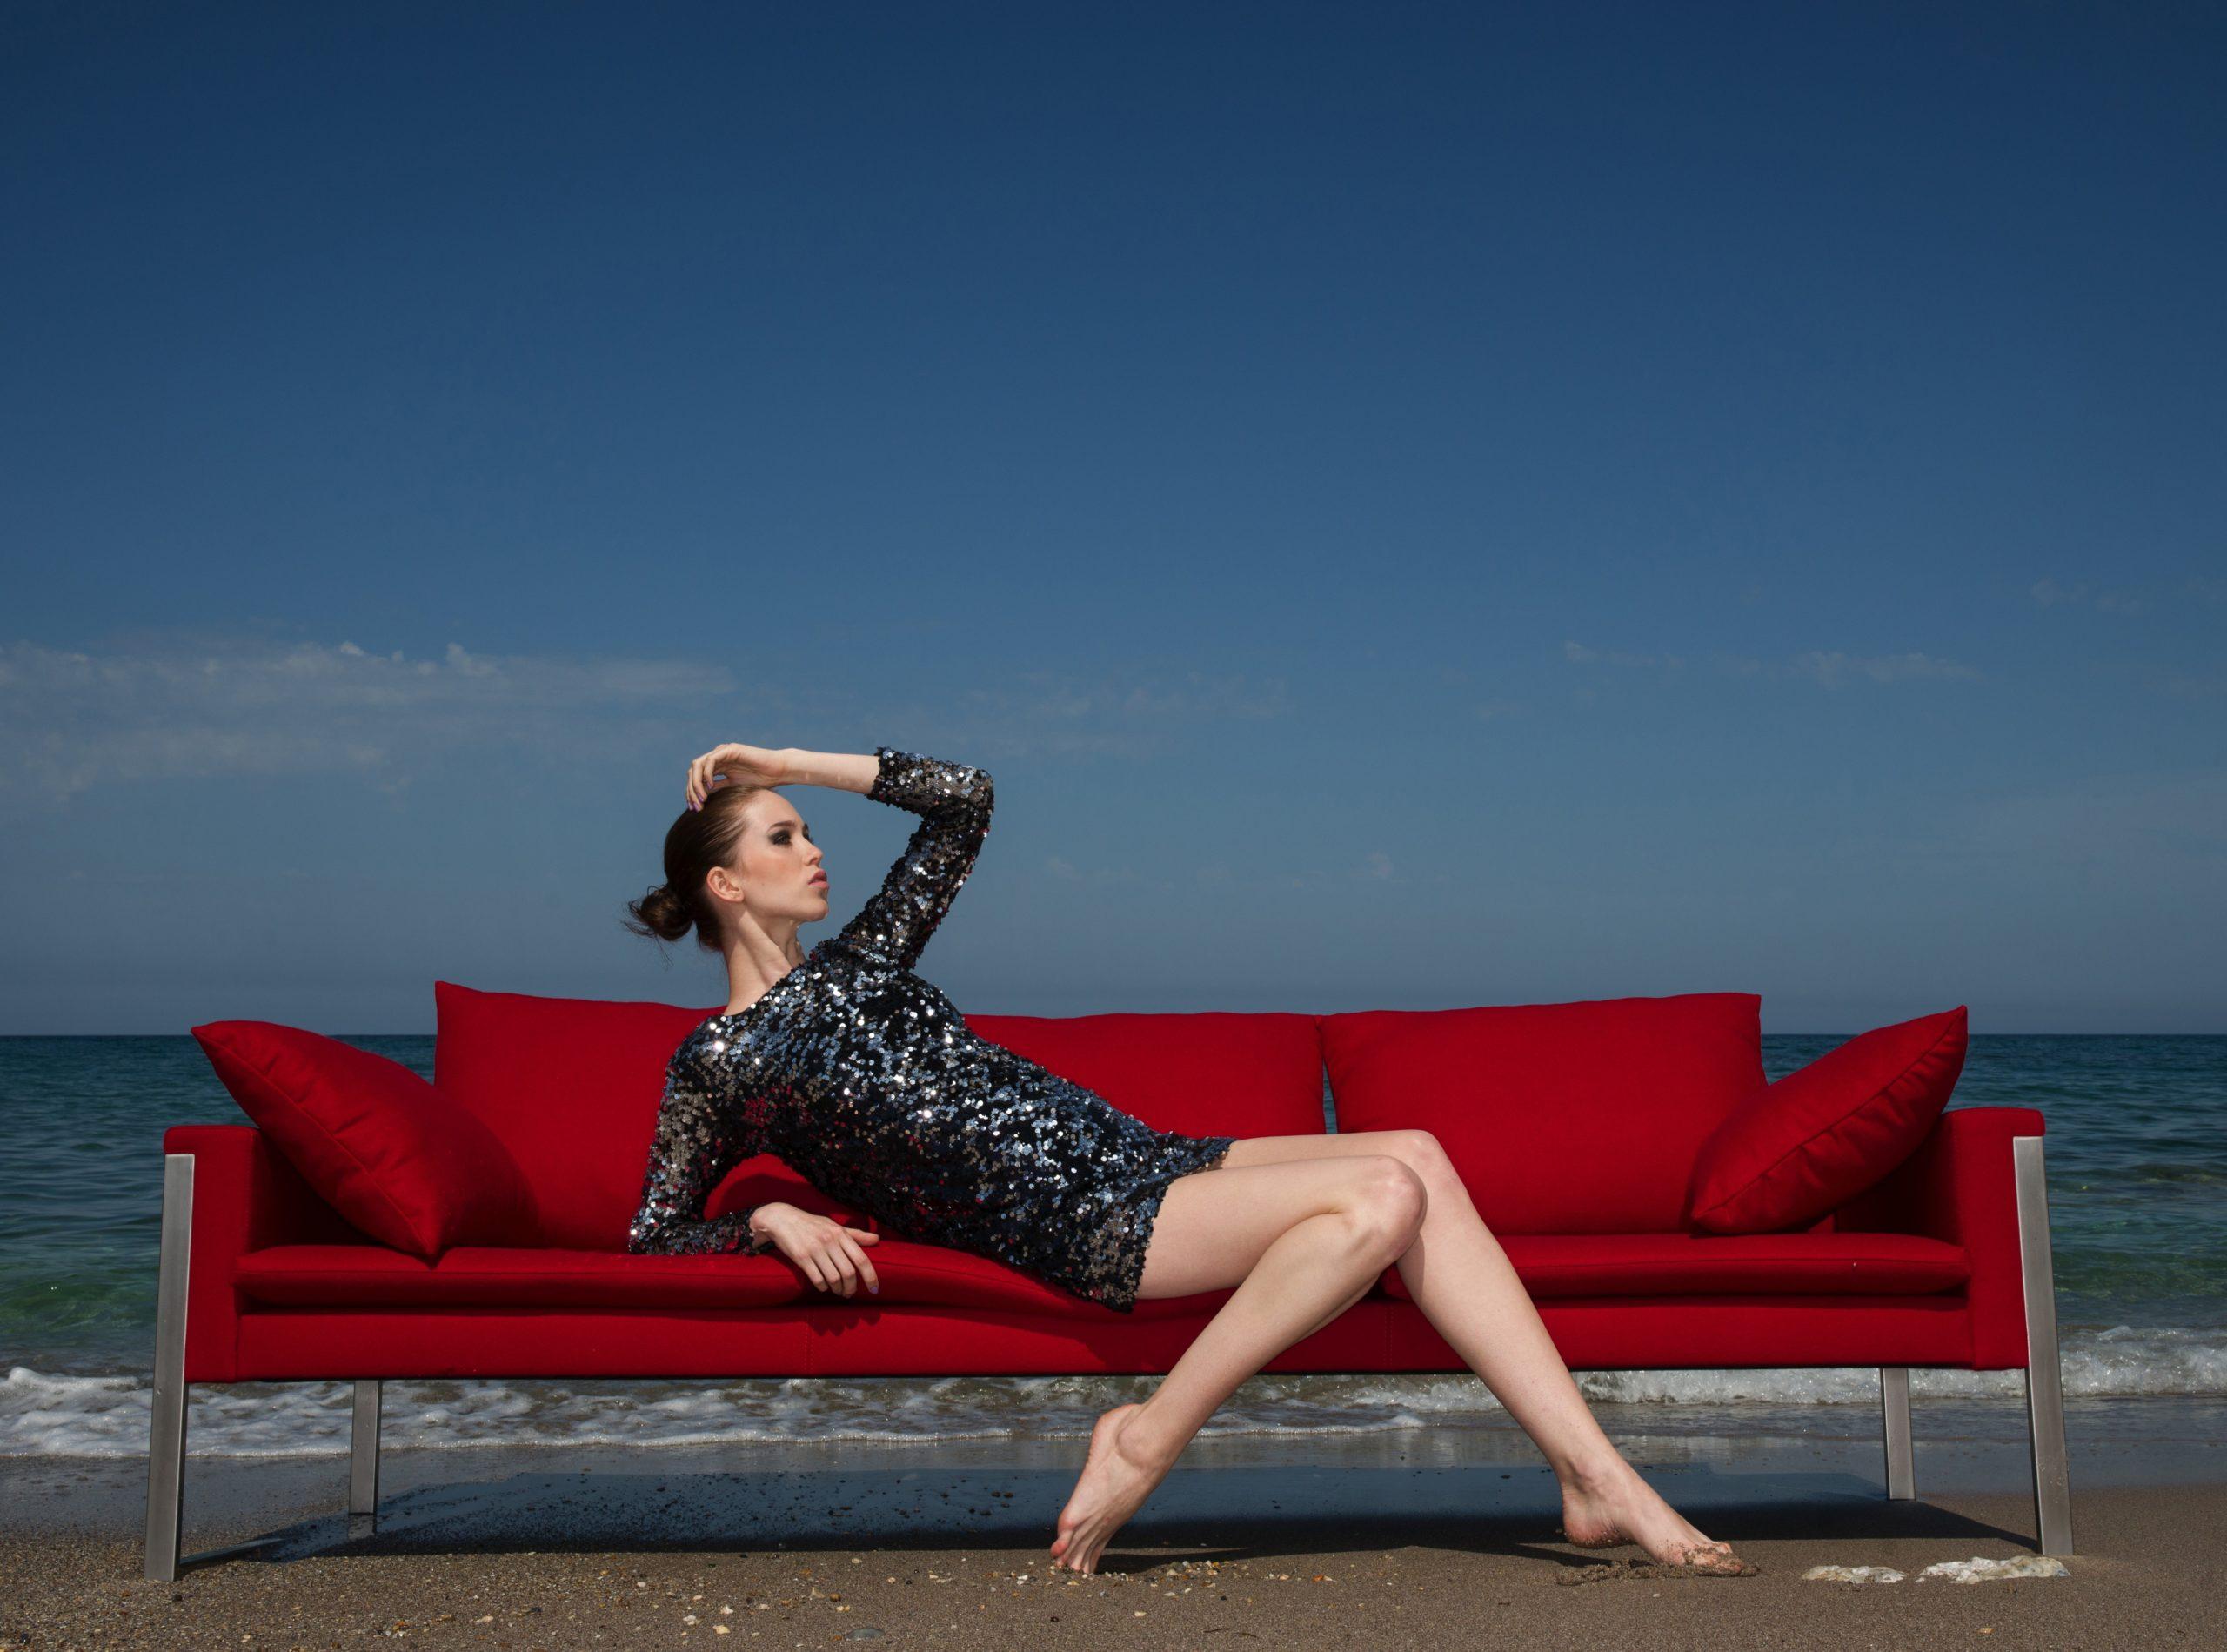 Kobieta siedzi na czarwonej kanapie